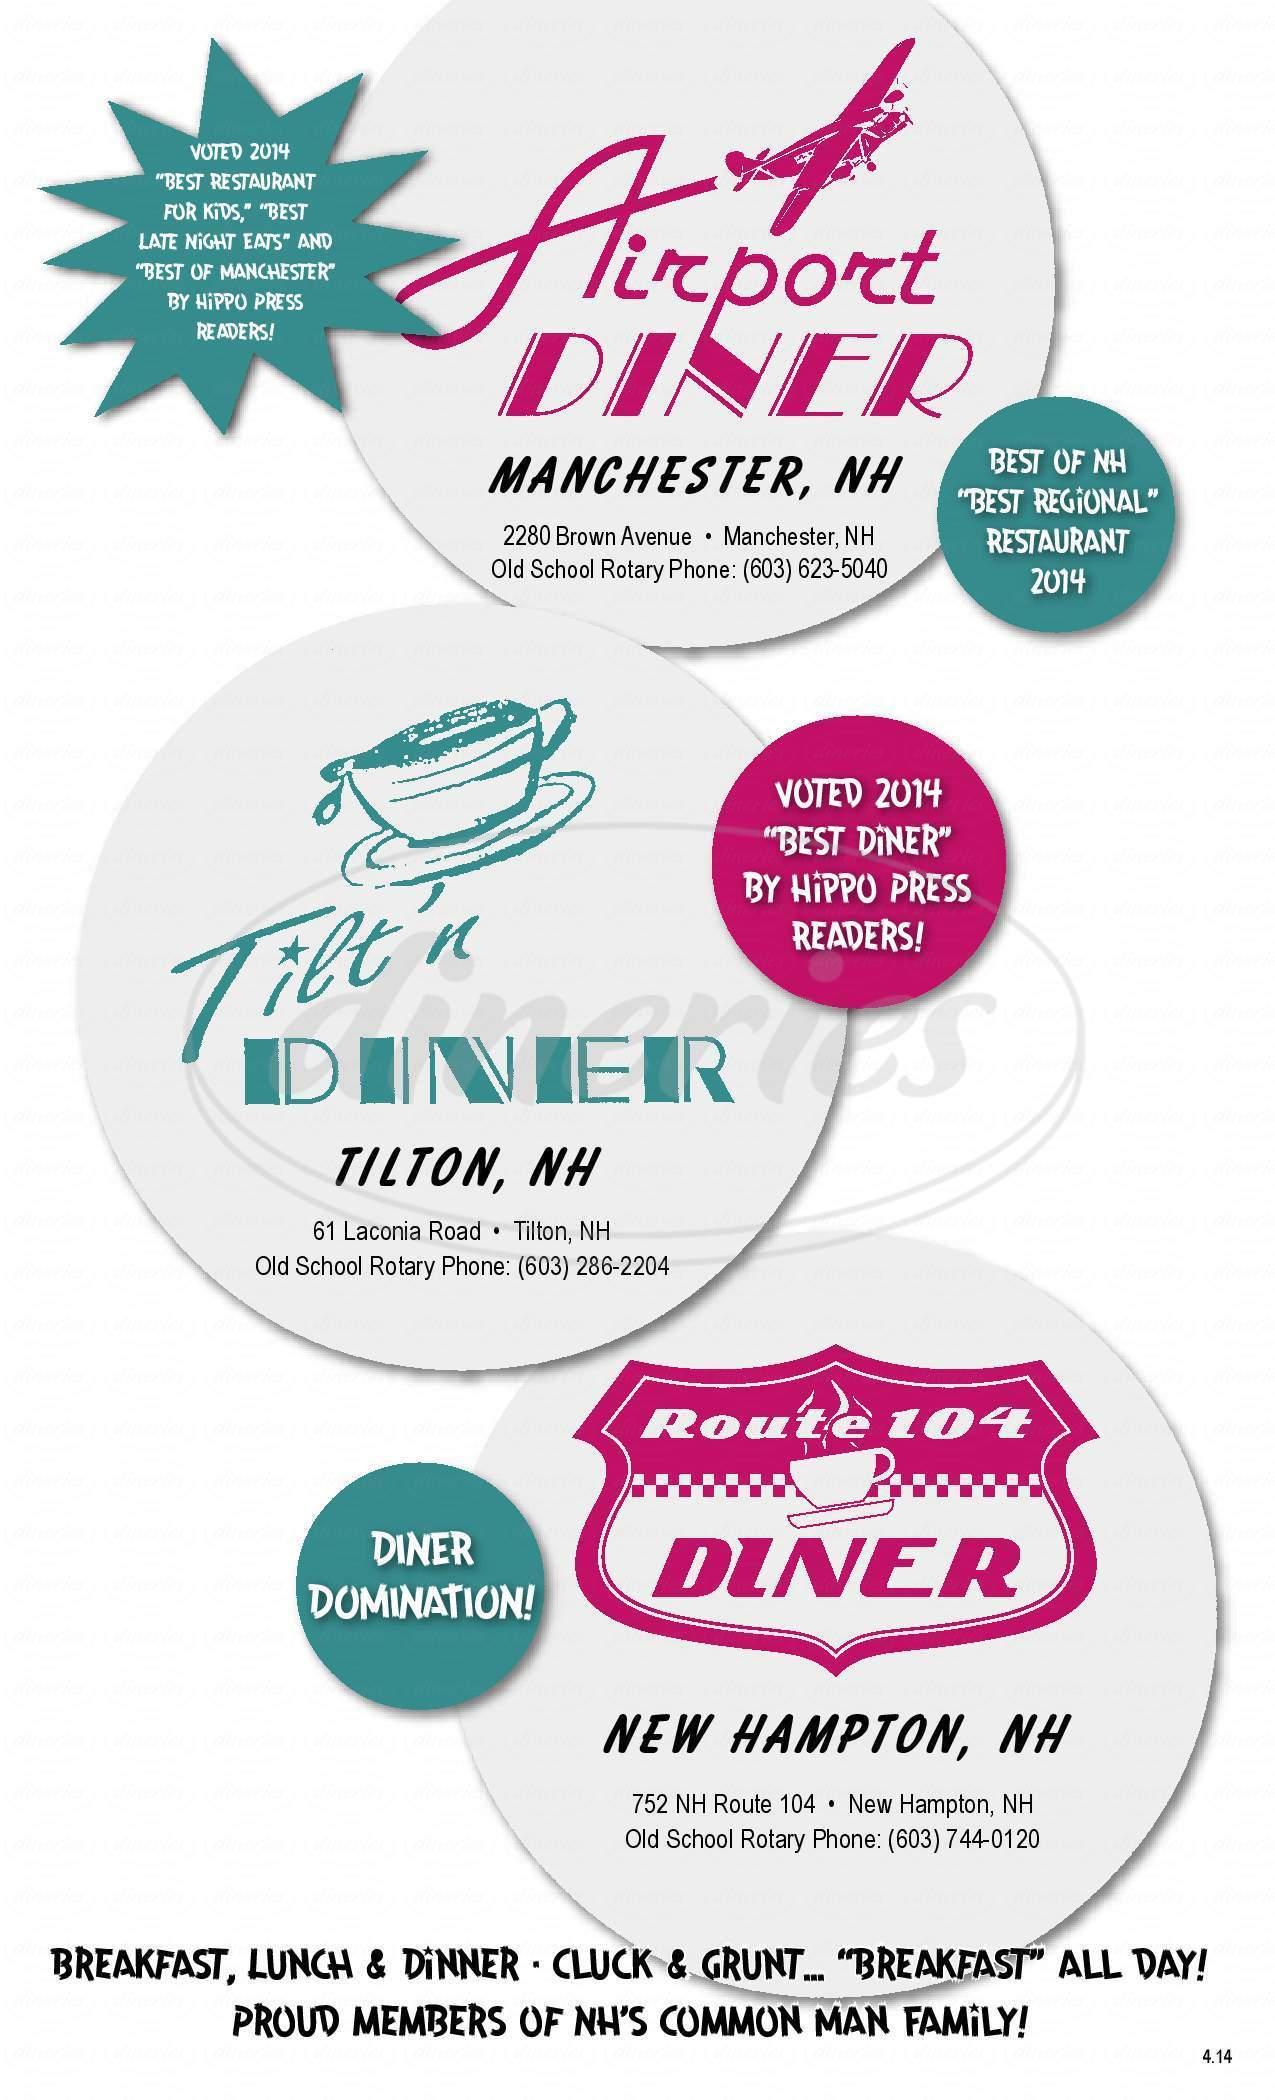 menu for Tilt'n Diner